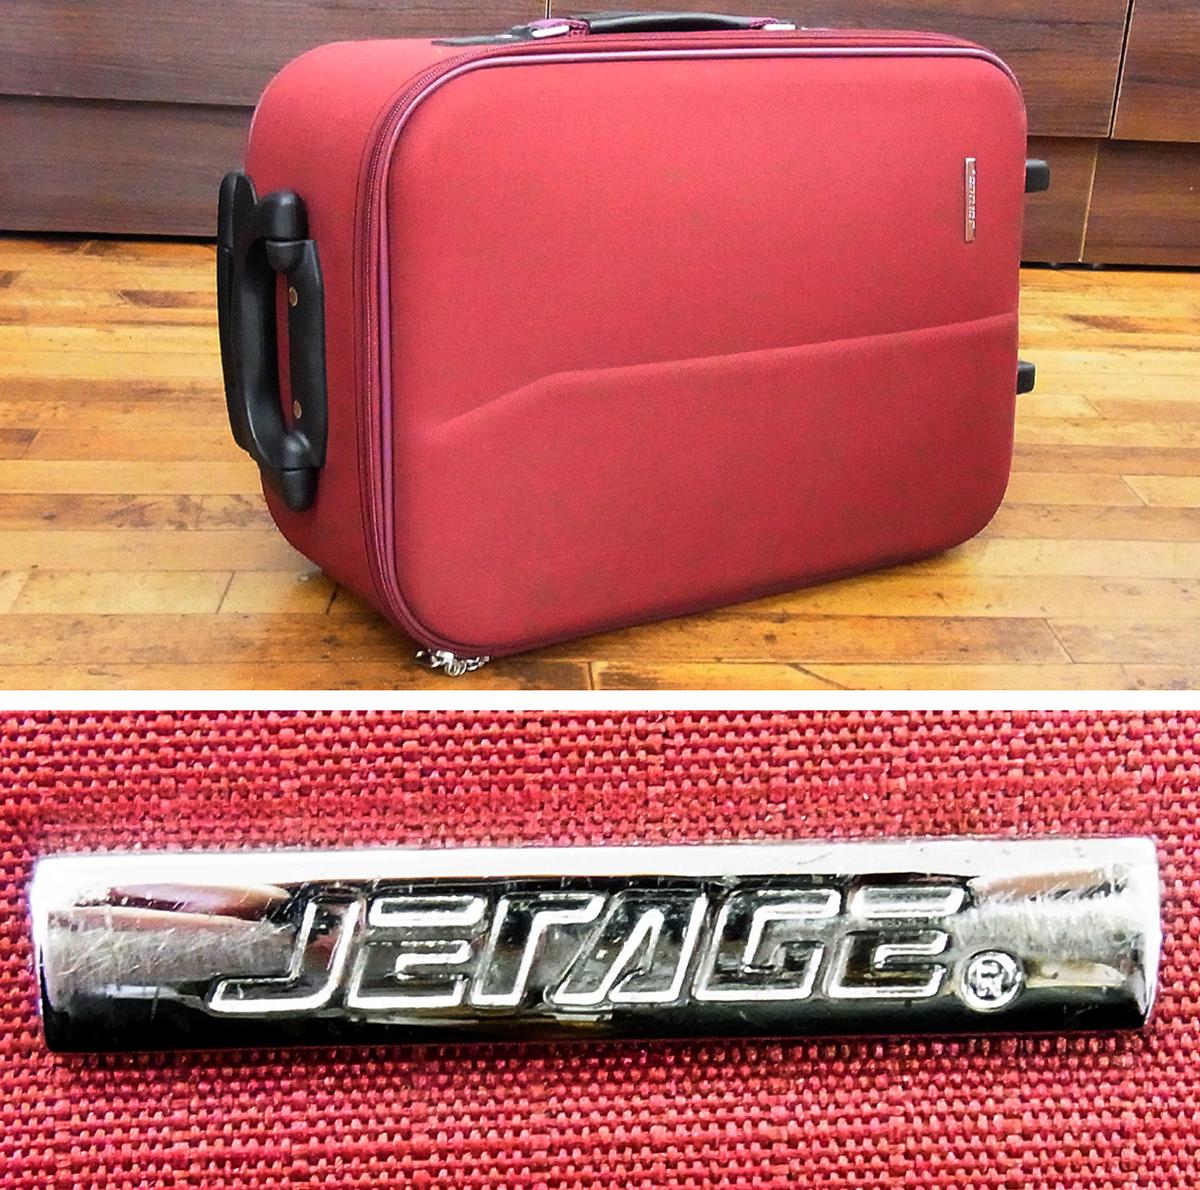 JETAGE/ジェットエイジ ソフト キャリーバッグ ワインレッド 機内持ち込みサイズ 鍵欠品 キャリーケース/スーツケース/トラベルバッグ_画像3